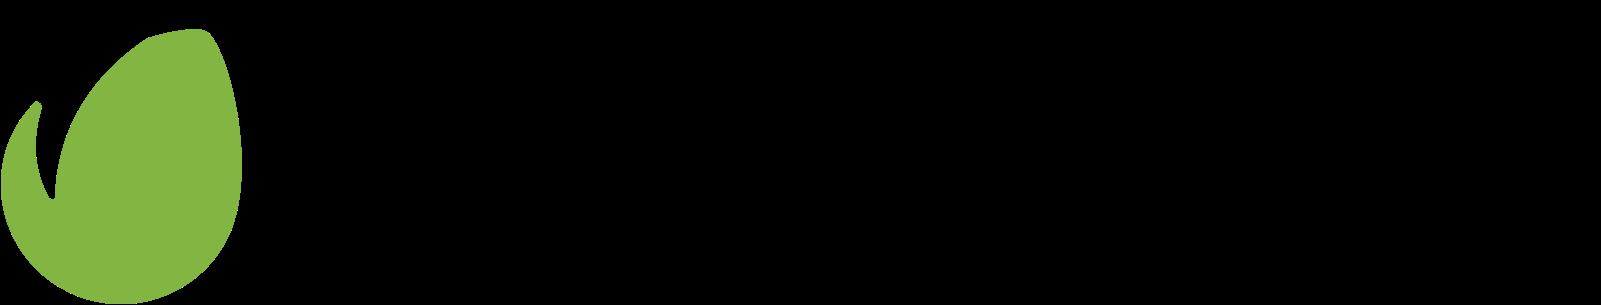 envato-logo-png-file